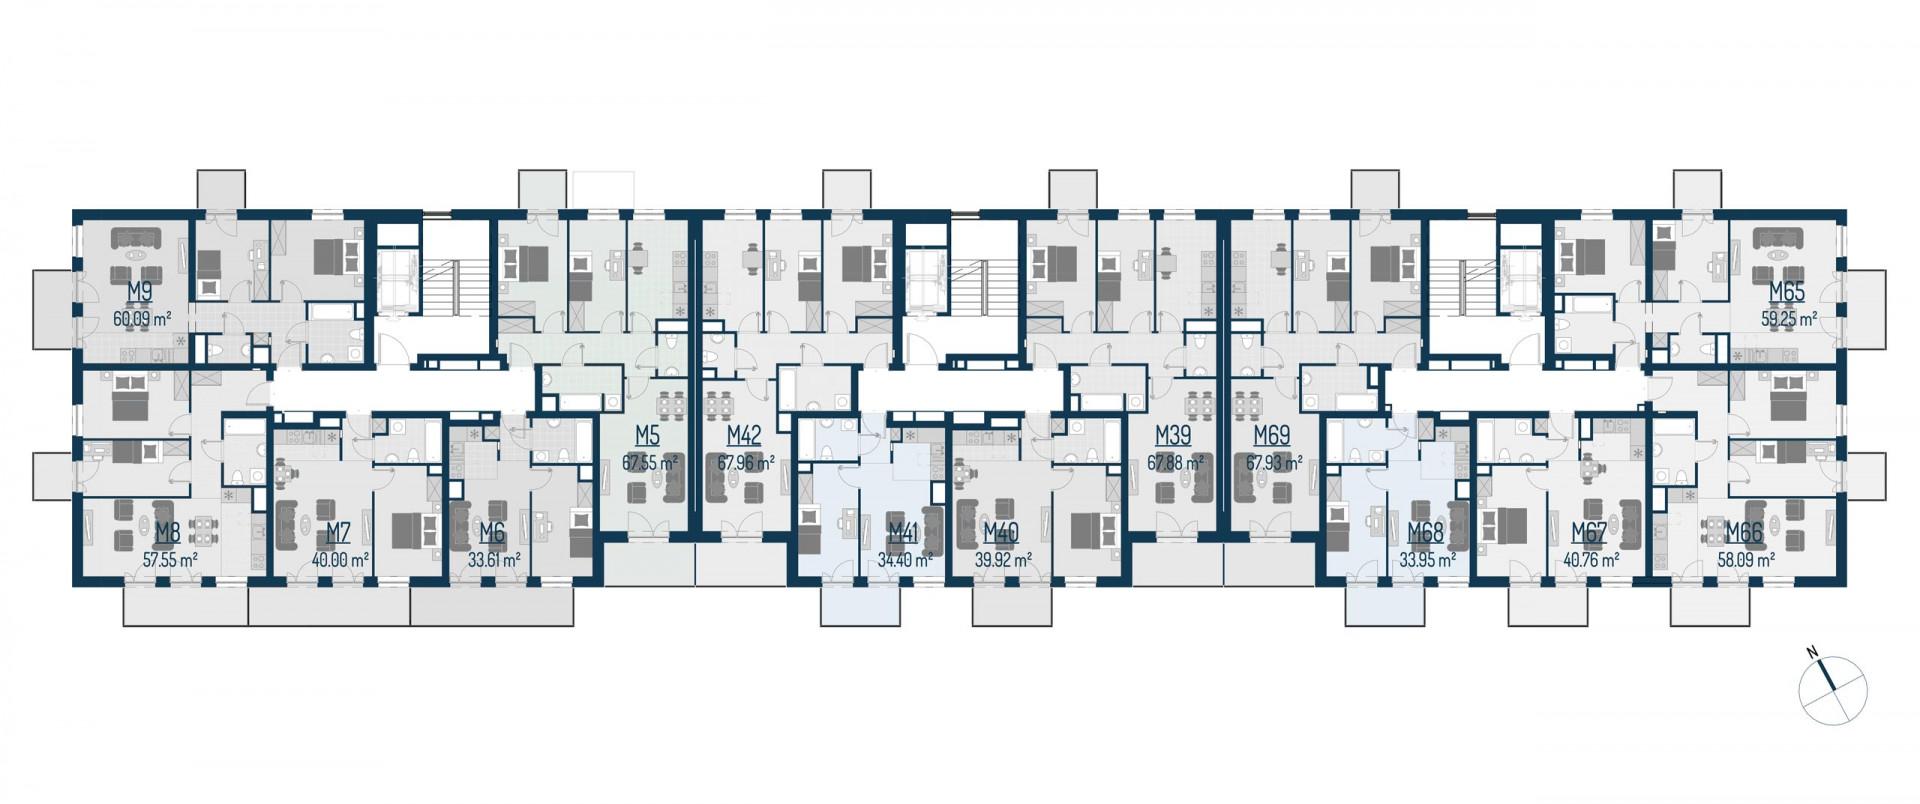 Zdrowe Stylove / budynek 1 / mieszkanie nr M39 rzut 2